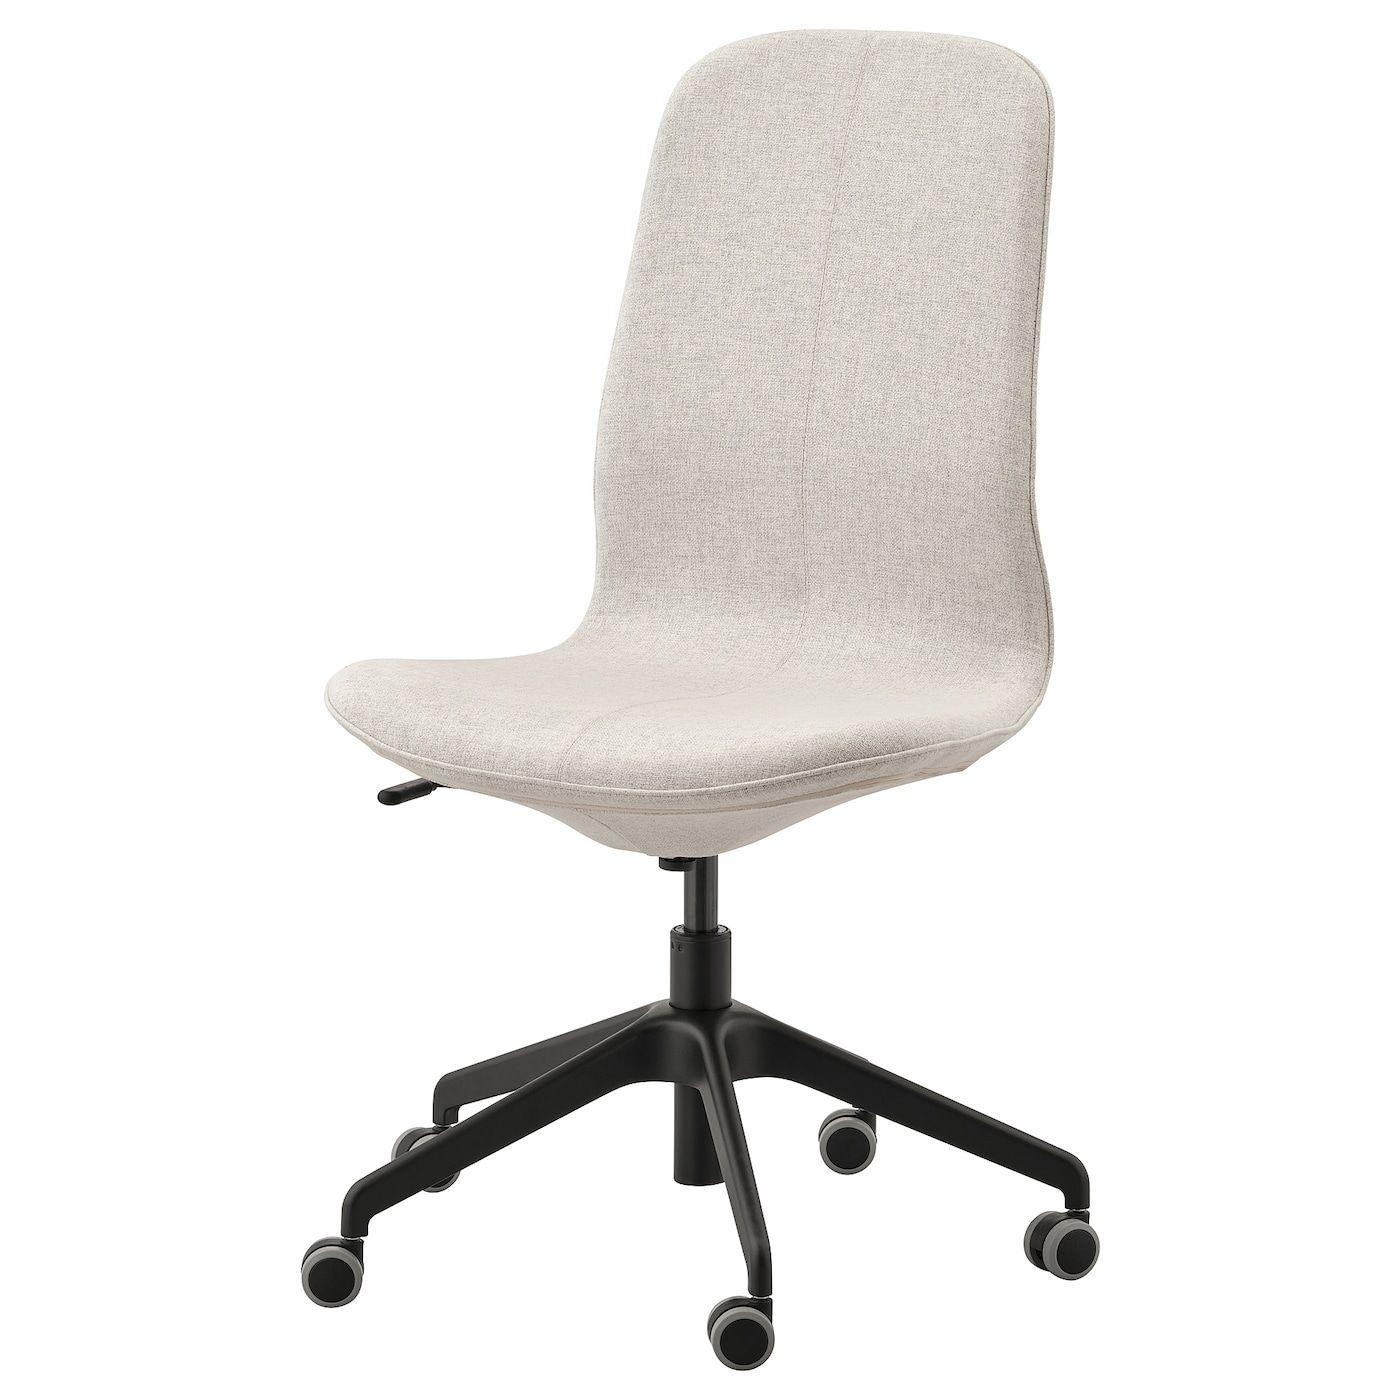 LÅNGFJÄLL Office Chair Gunnared Beige, Black